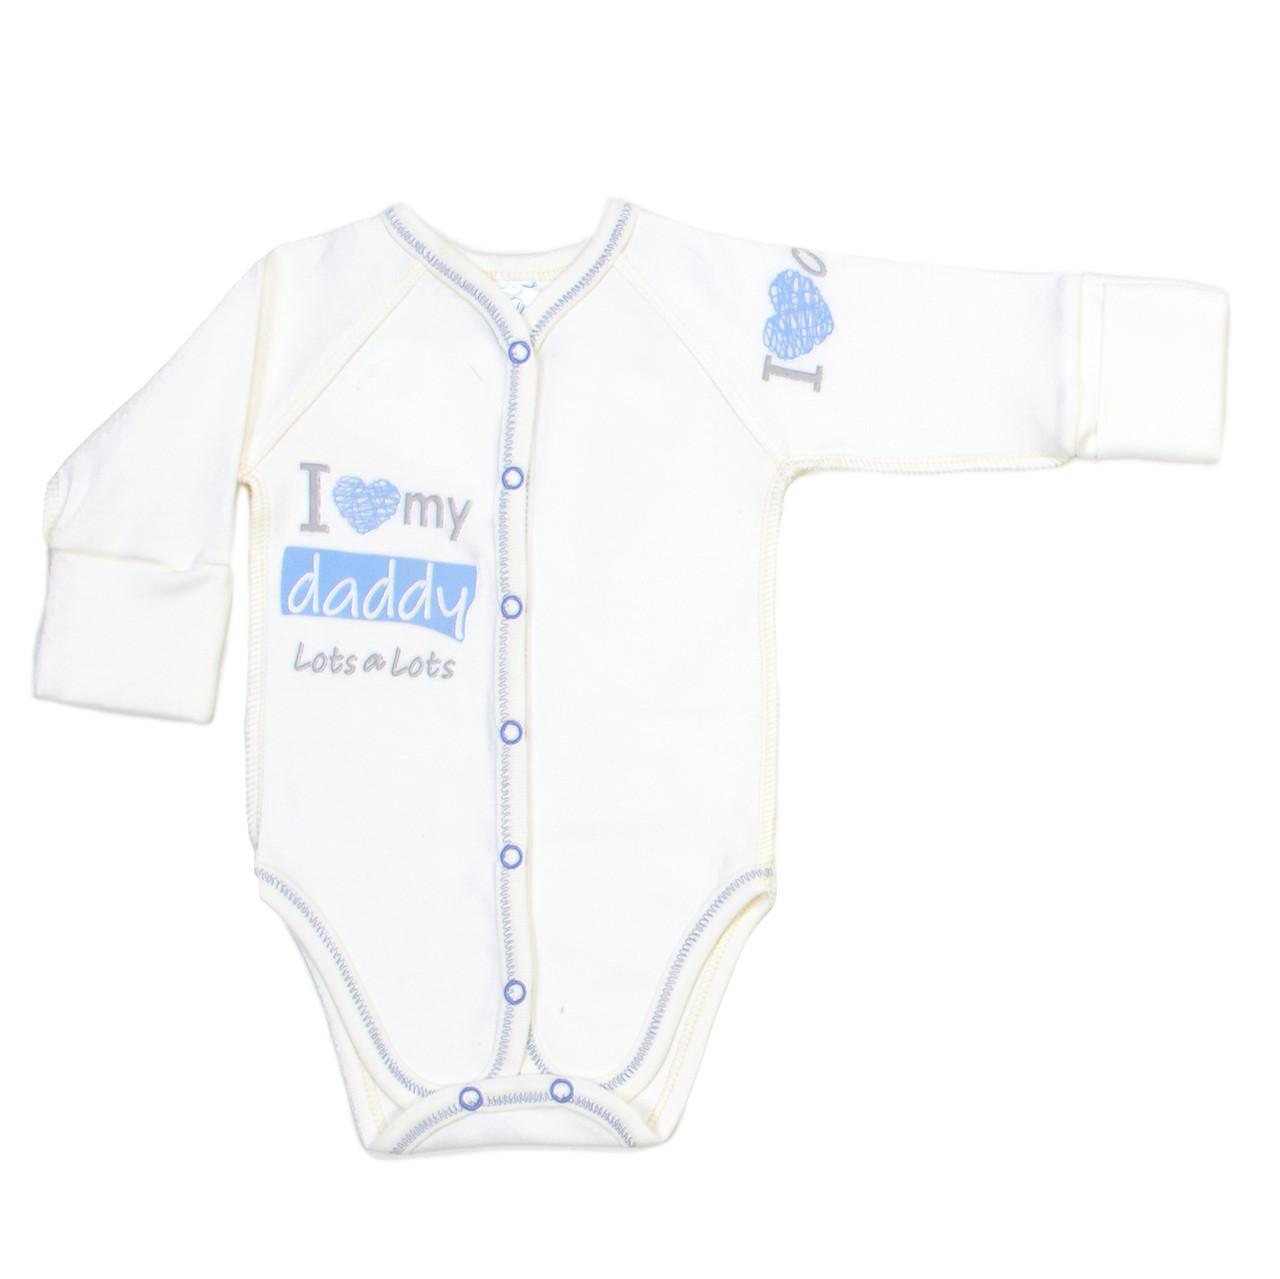 Боди для новорожденных Veres I love my daddy blue интерлок молочный